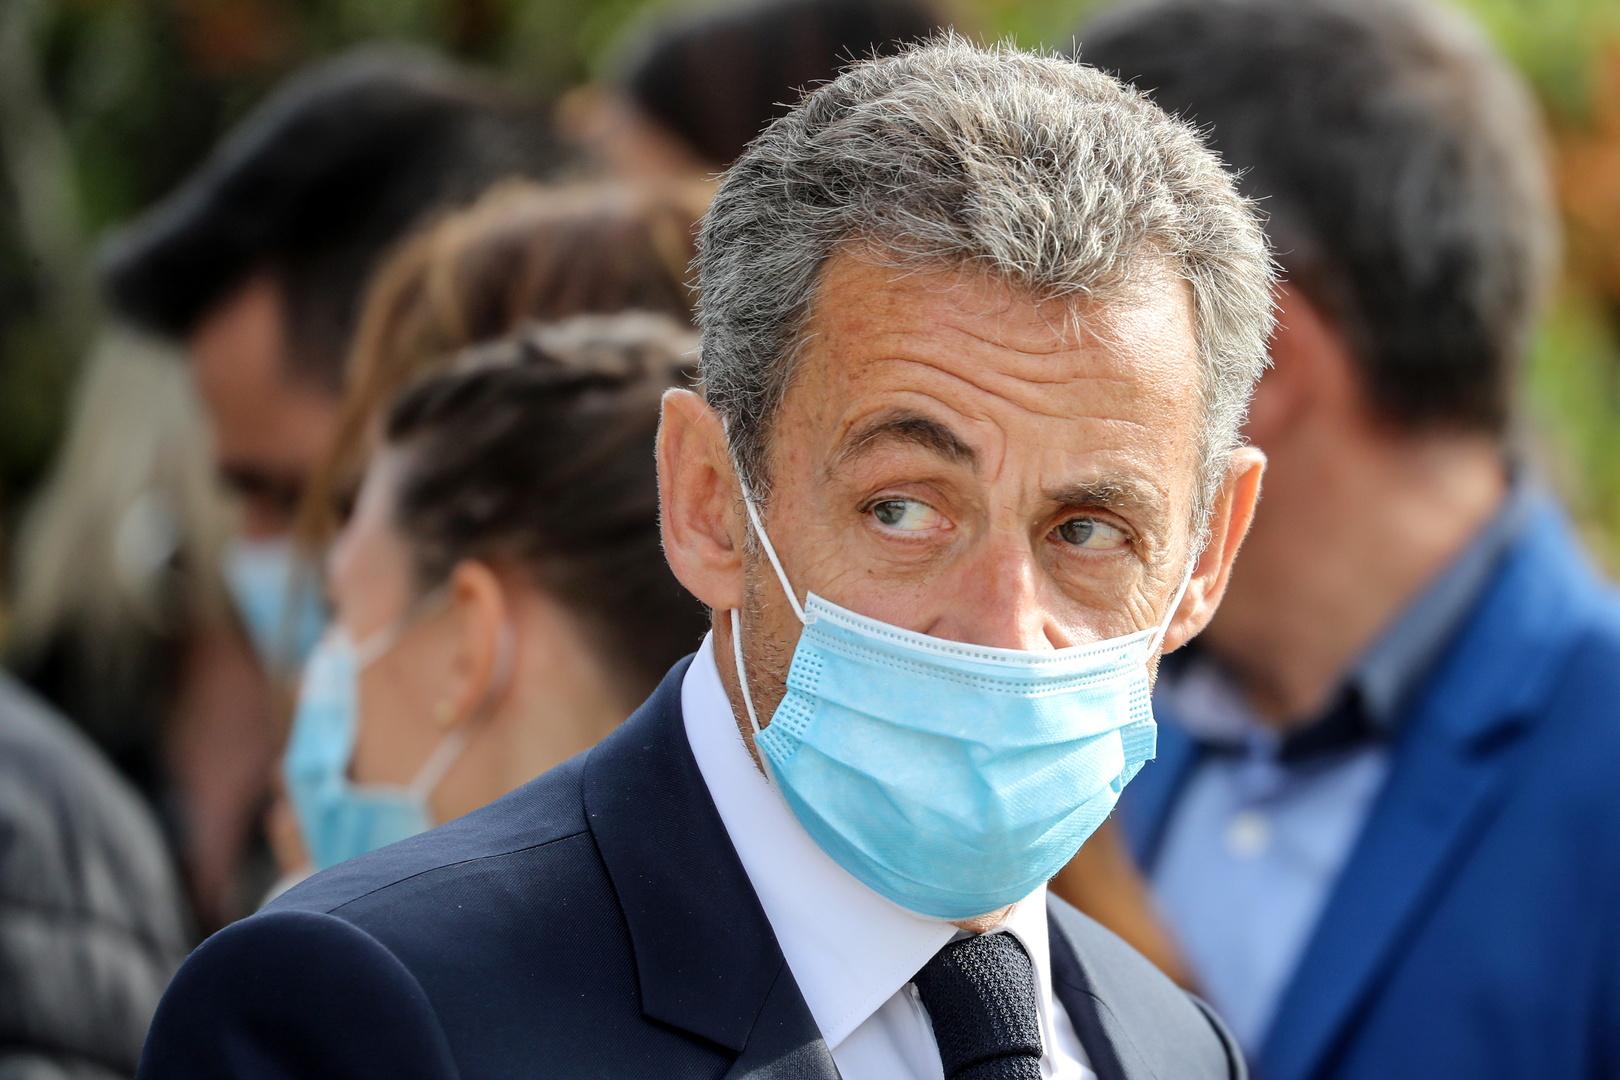 القضاء الفرنسي يصدر الاثنين حكمه على ساركوزي في قضية التنصت والرشوة